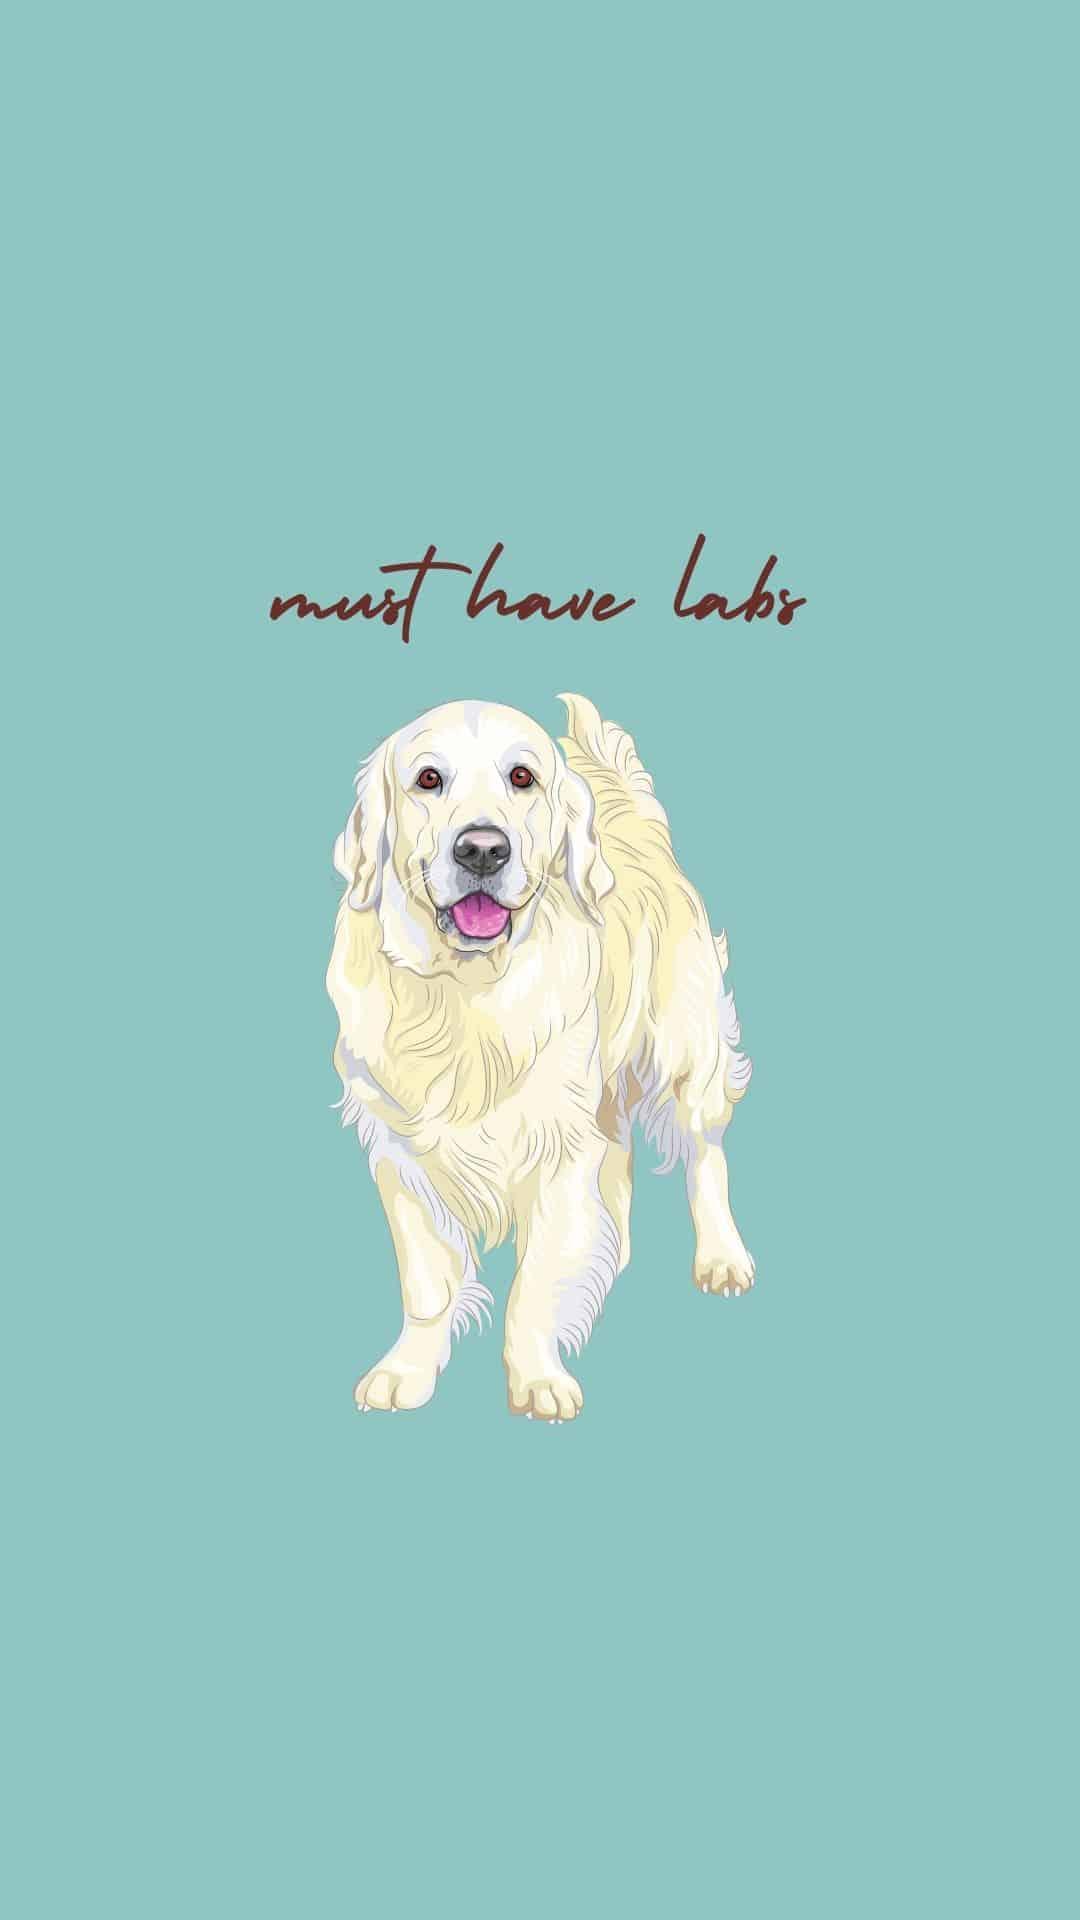 labrador dog on blue background